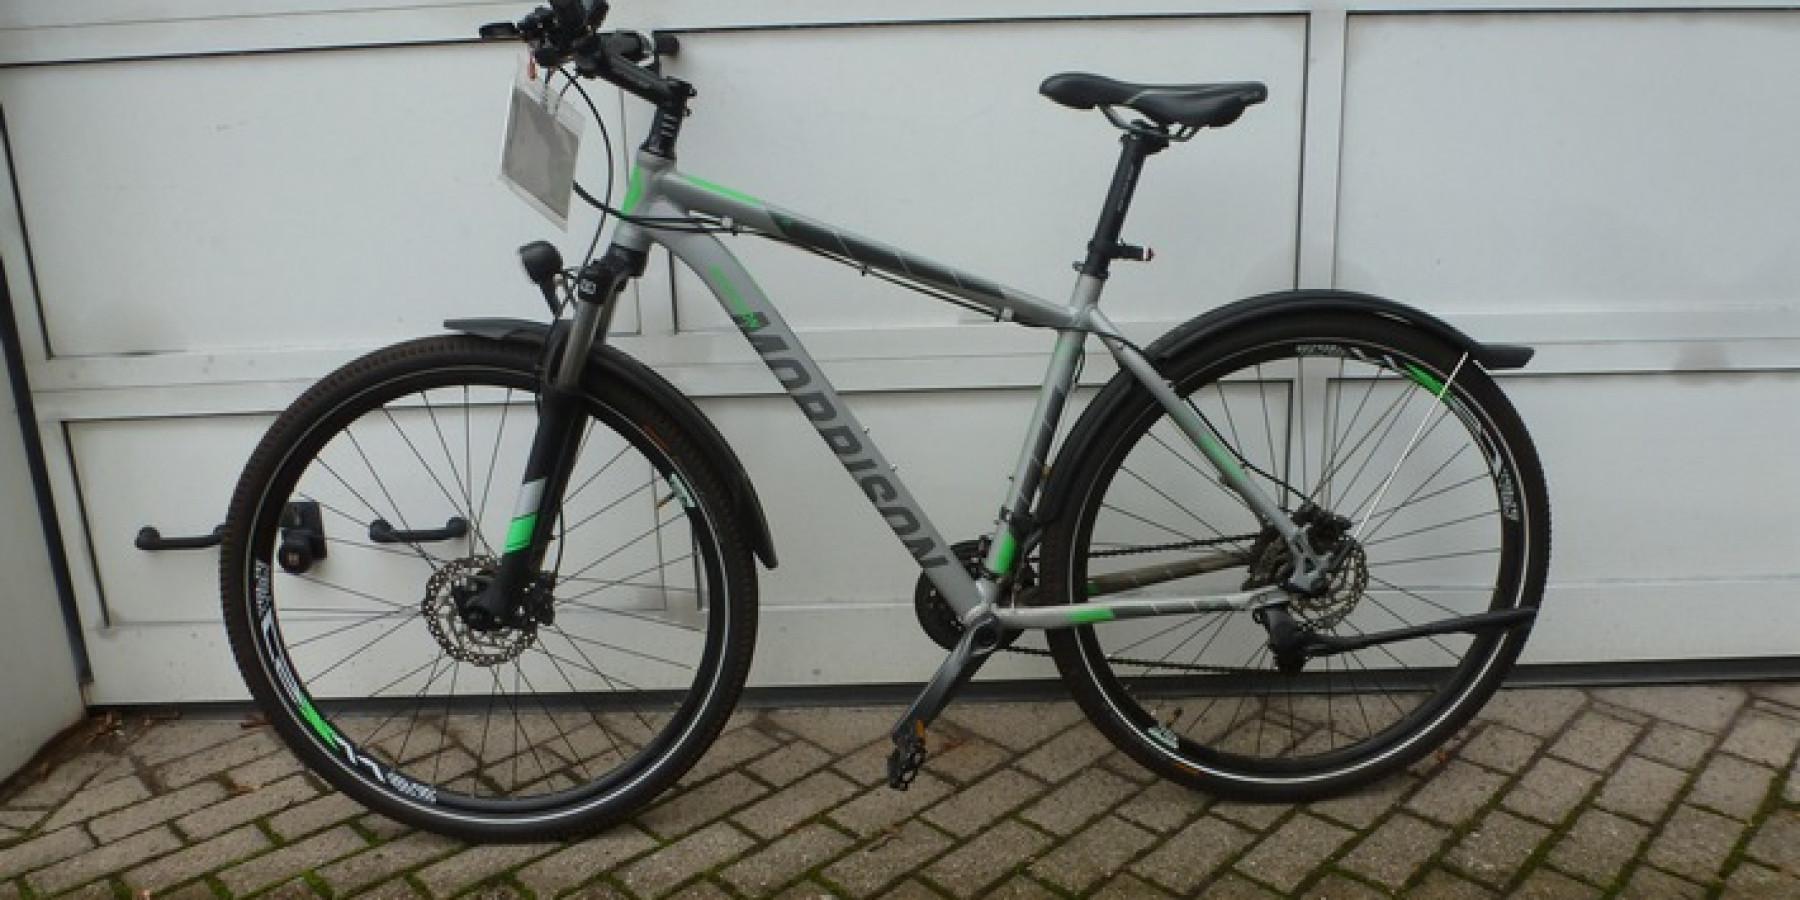 Fahrrad mit manipulierter Rahmennummer gekauft